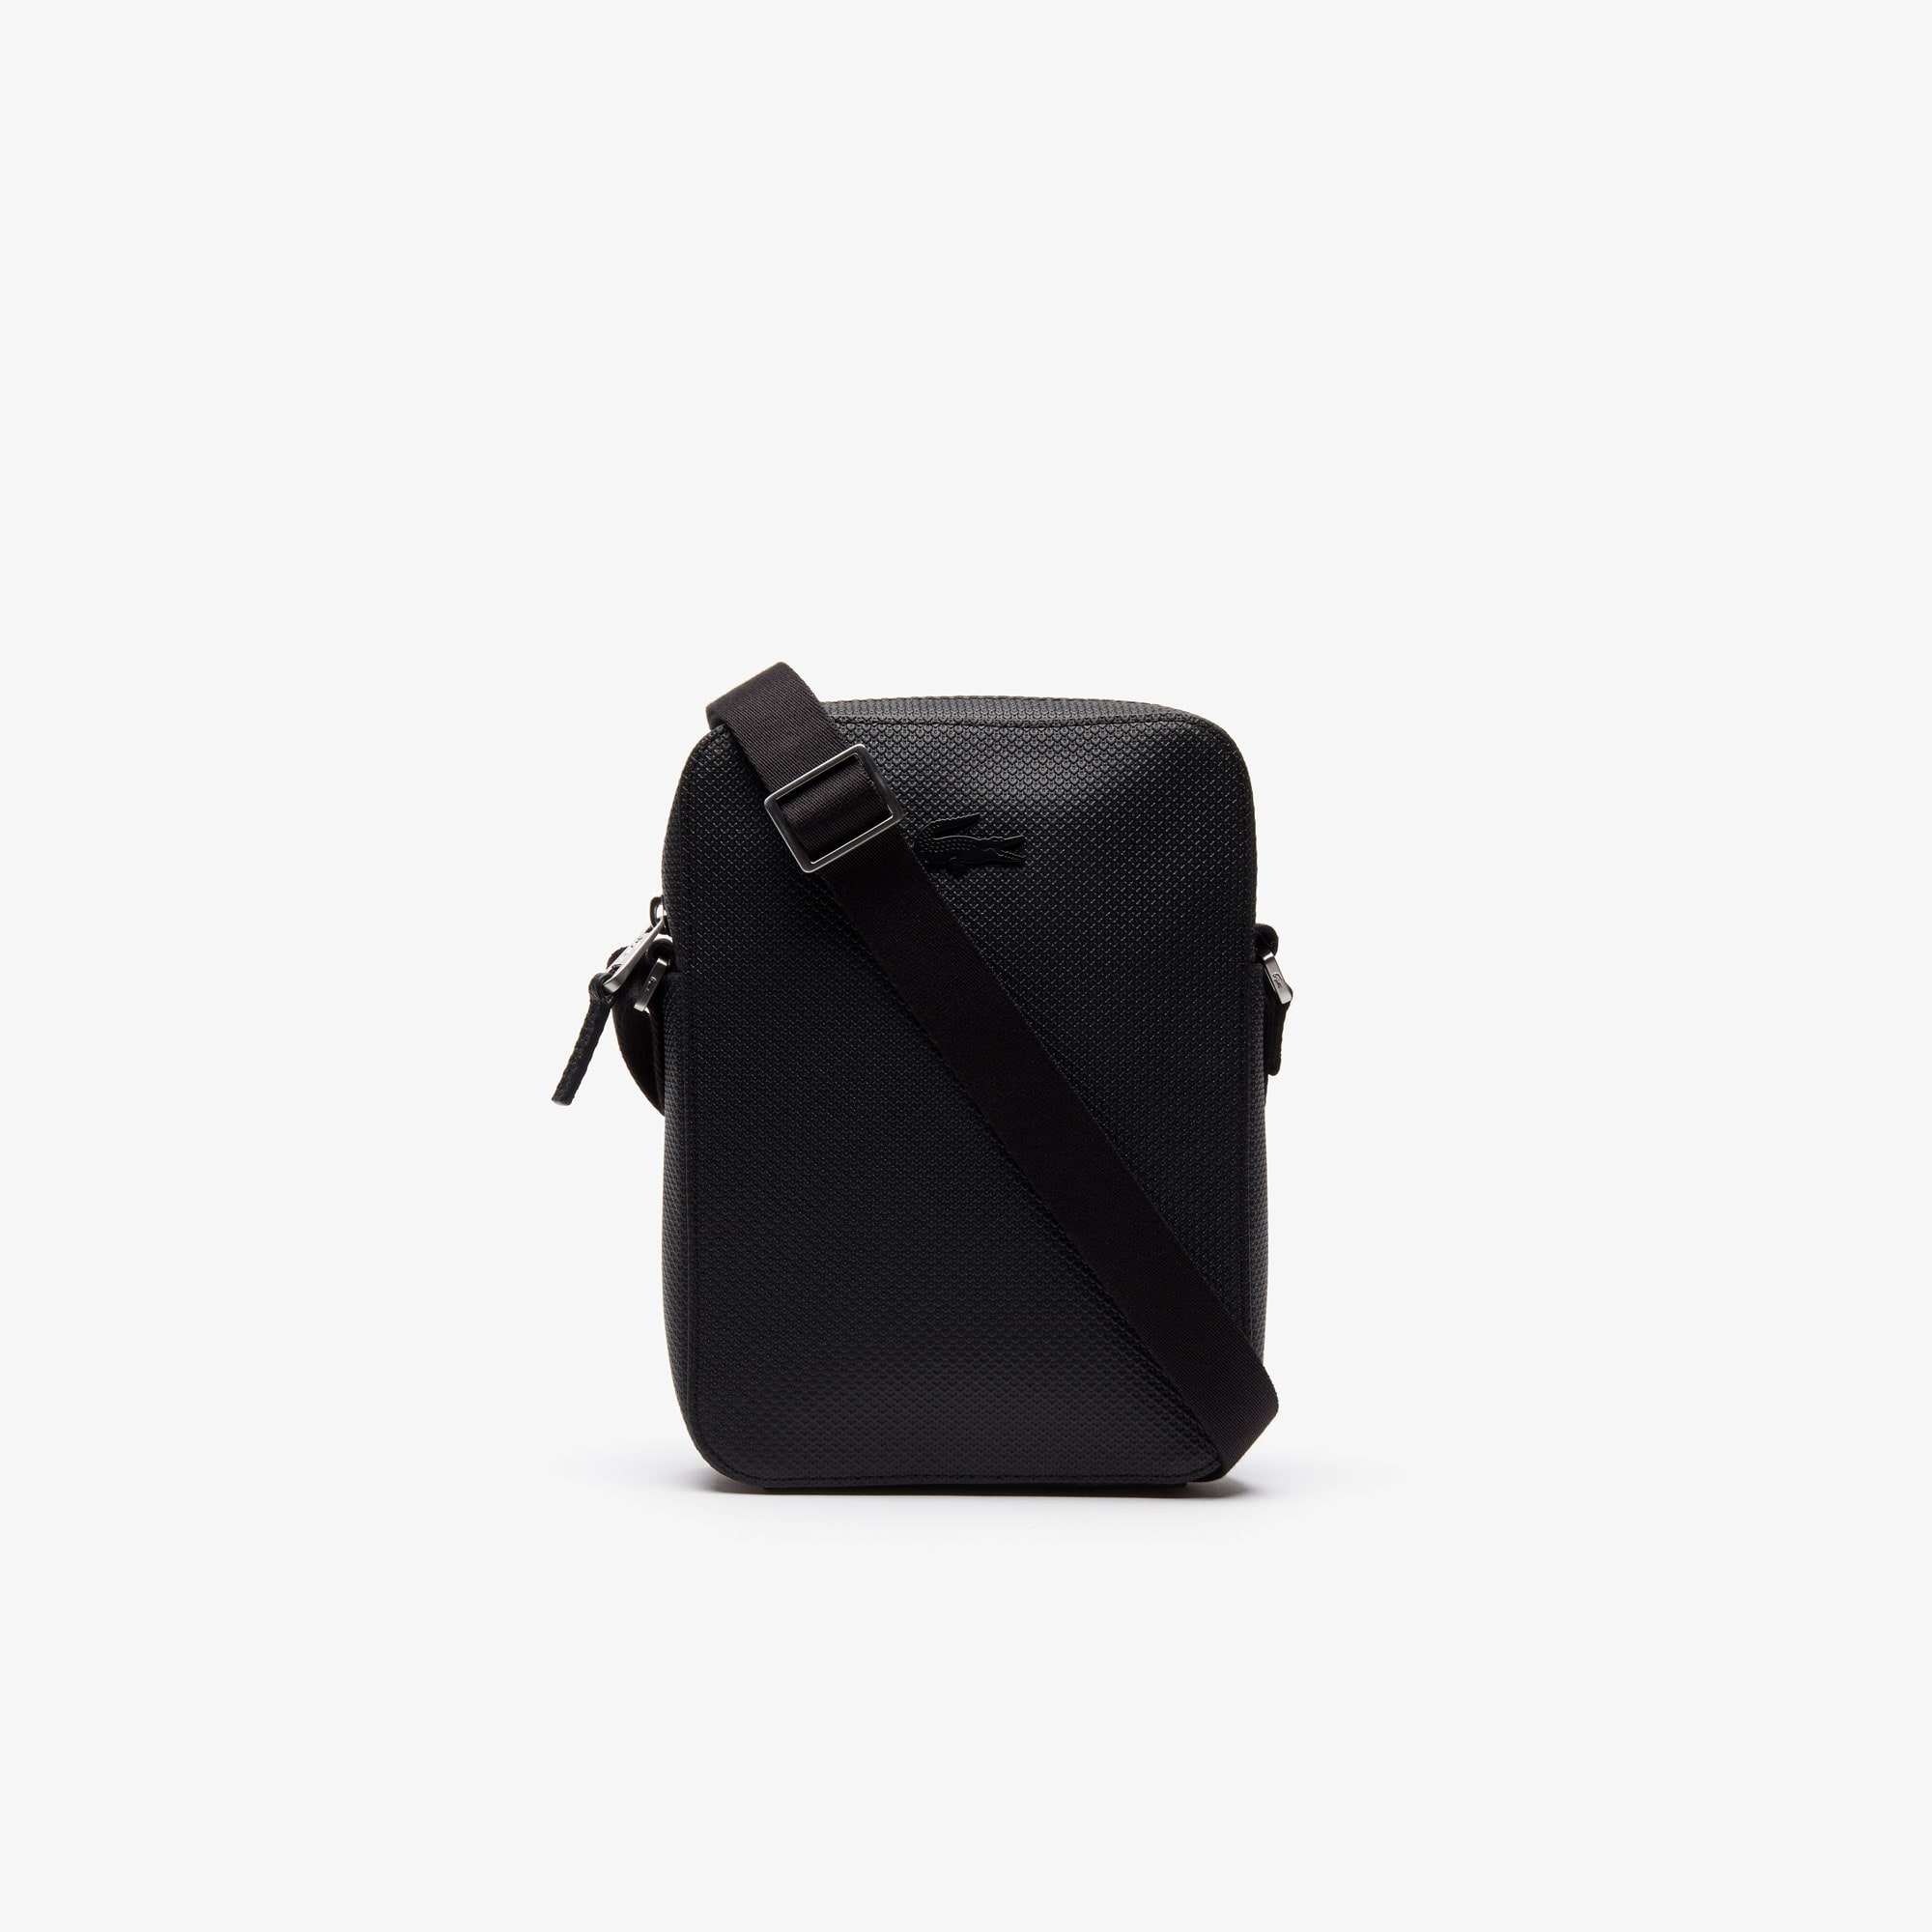 71d92c4ac32 Men s Bags   Accessories   Lacoste